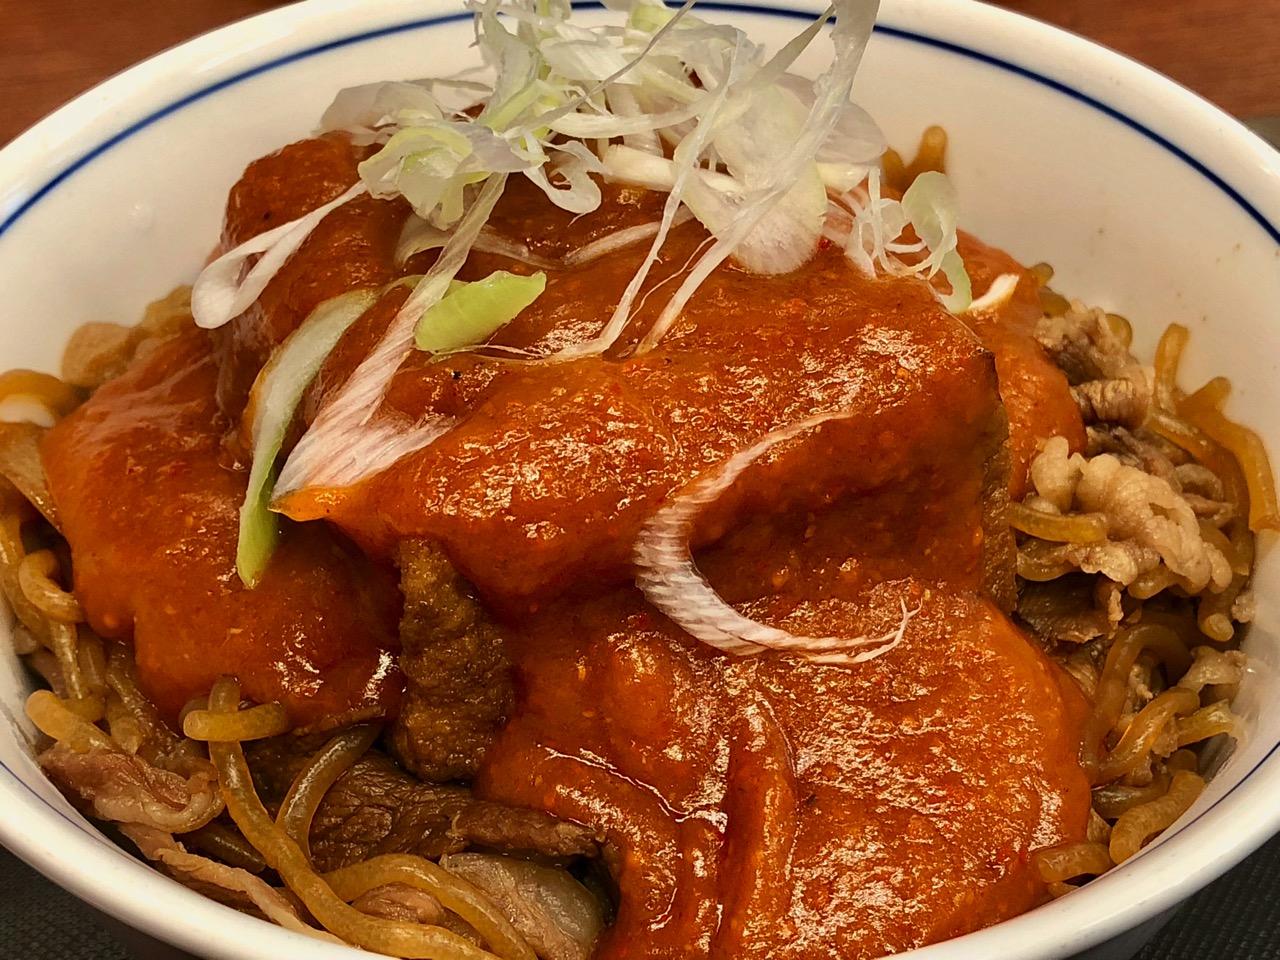 牛丼 牛若丸(池袋) 鬼ぎつね丼 03